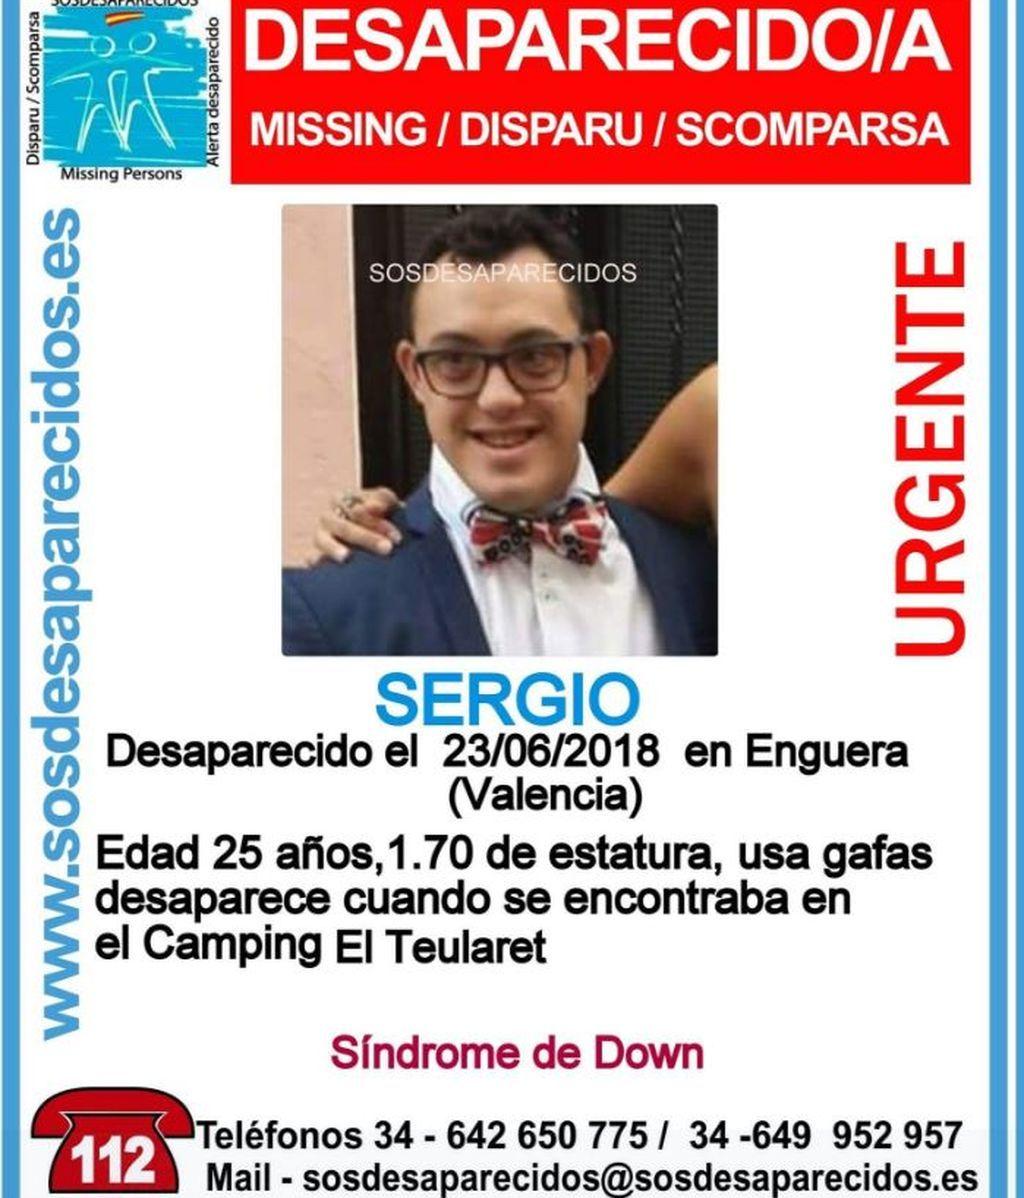 Cruz Roja se suma a la búsqueda del joven con síndrome de Down desaparecido en Valencia